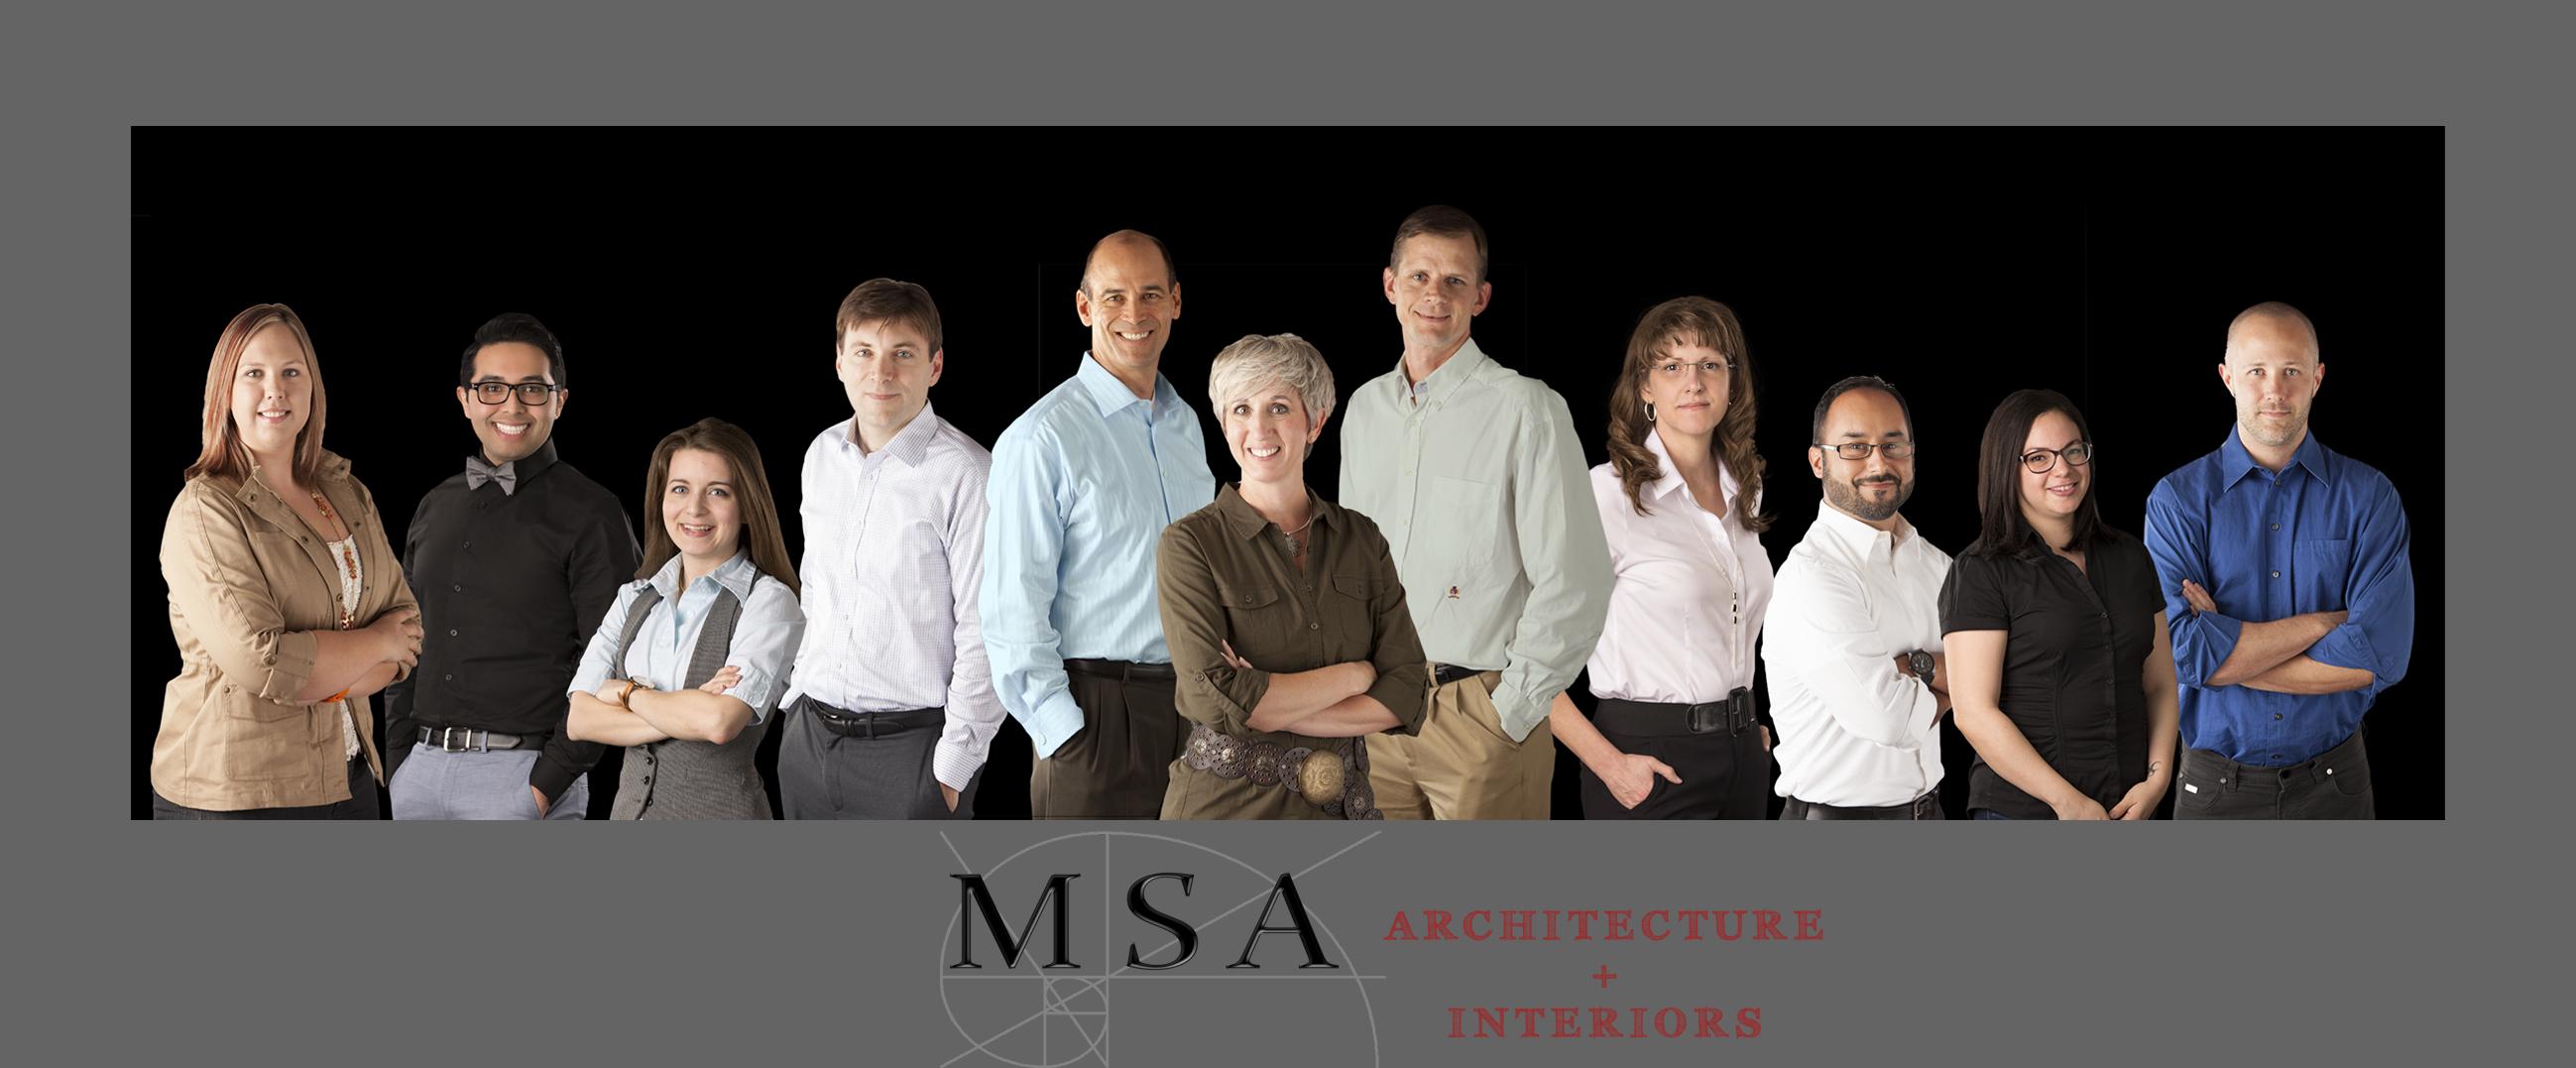 MSA 2017 fb cover2